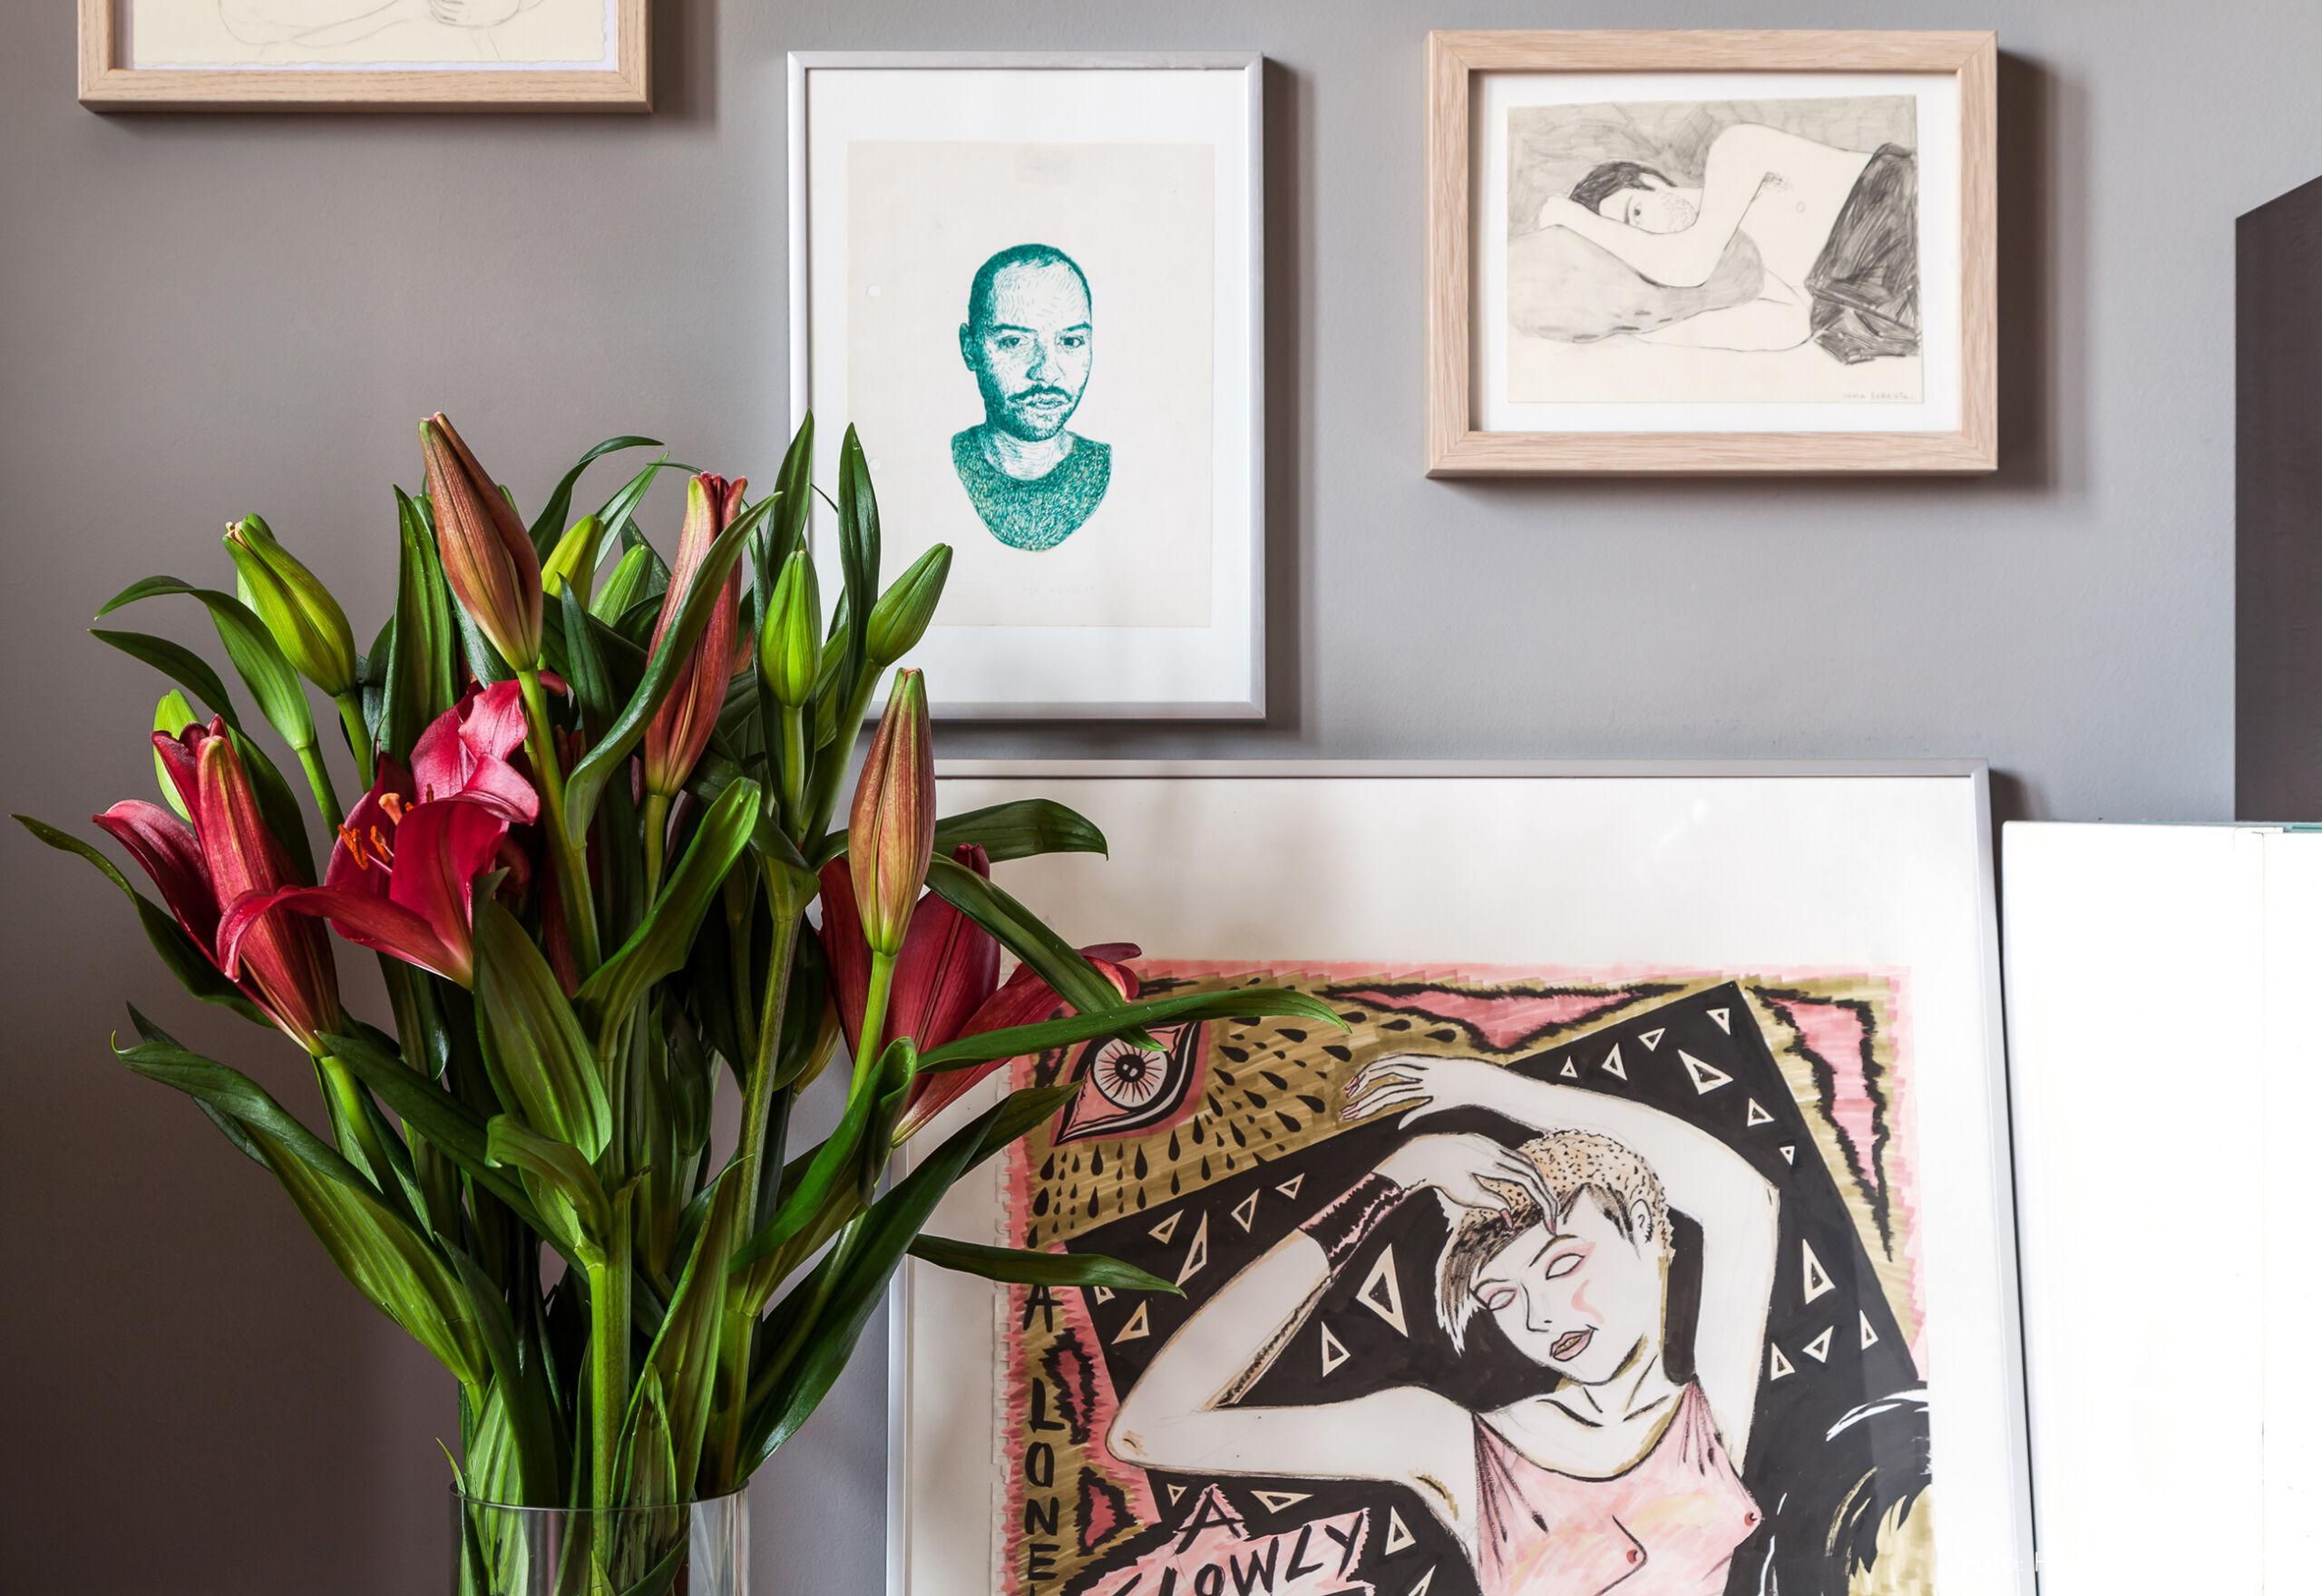 Apartamento com muitos quadros e ilustrações